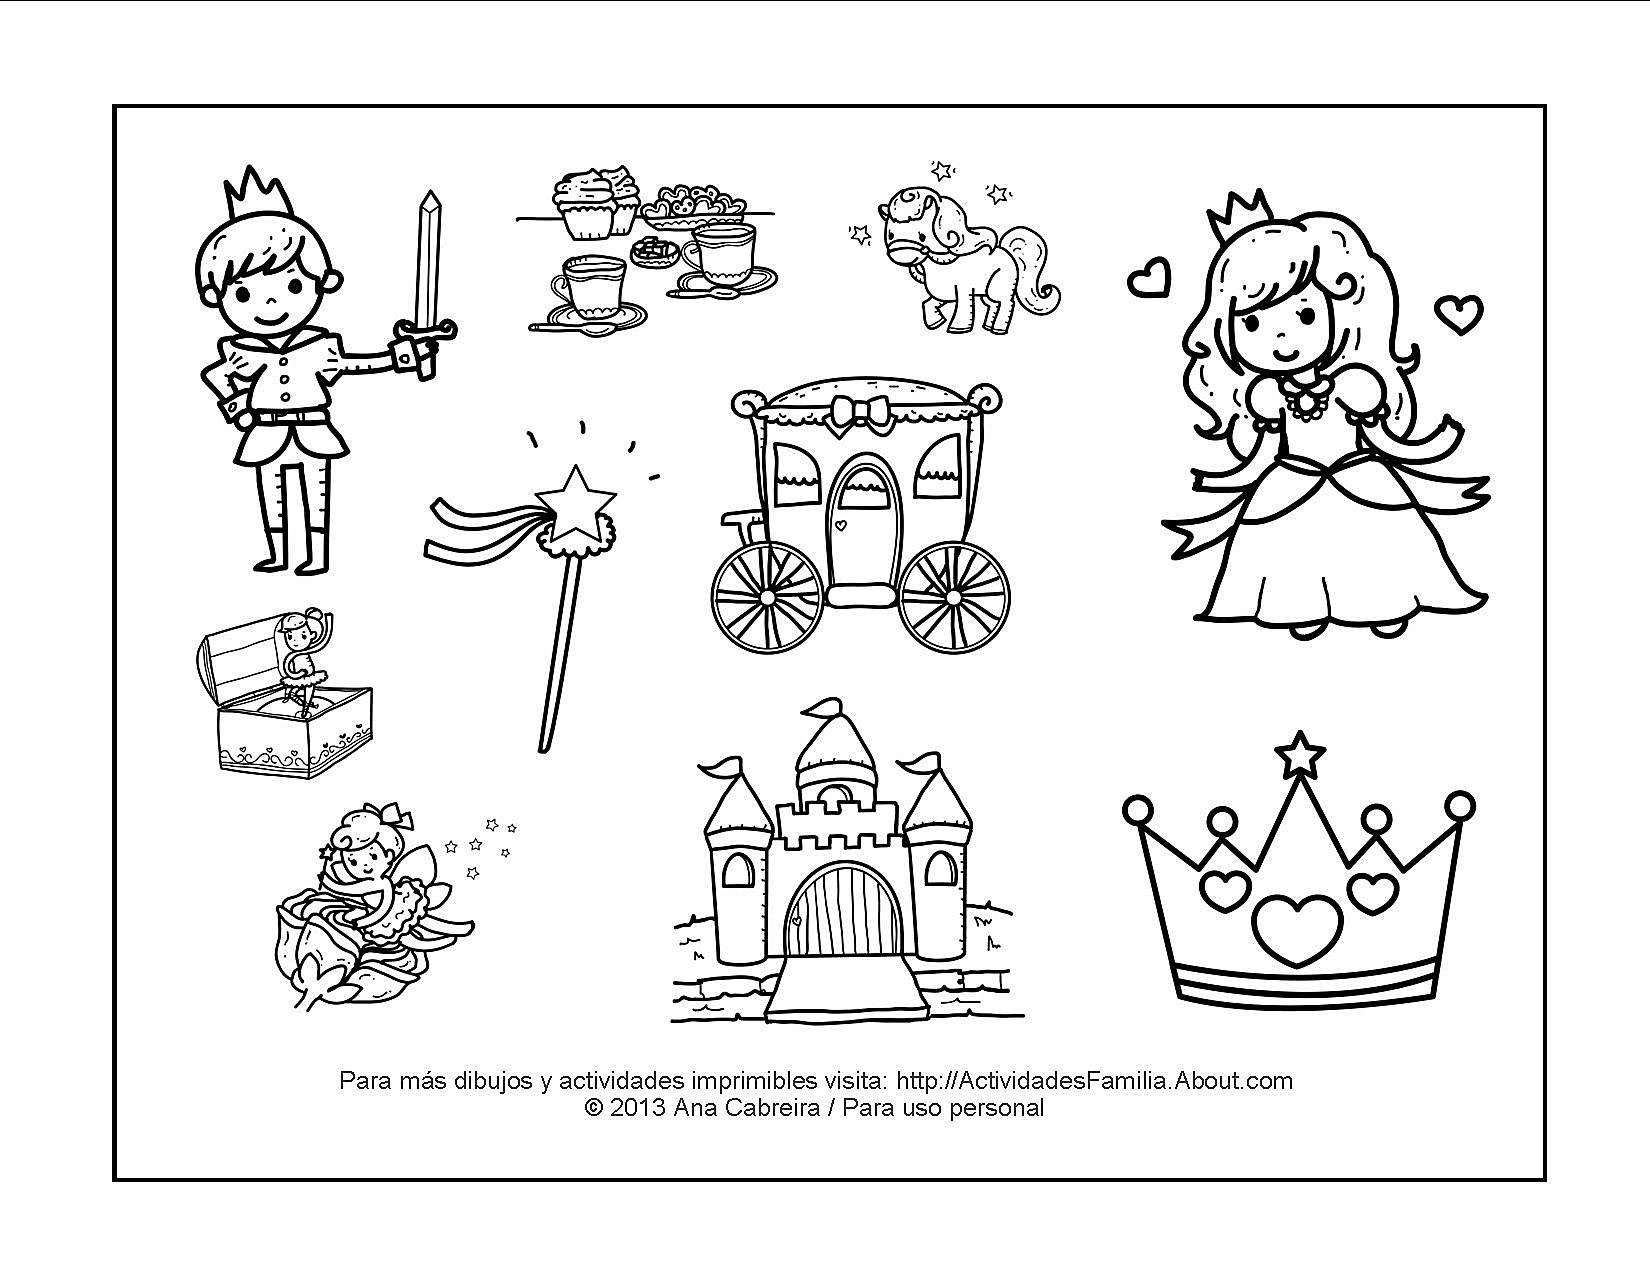 Dibujos Para Colorear No Imprimir: 10 Dibujos De Princesas Para Colorear